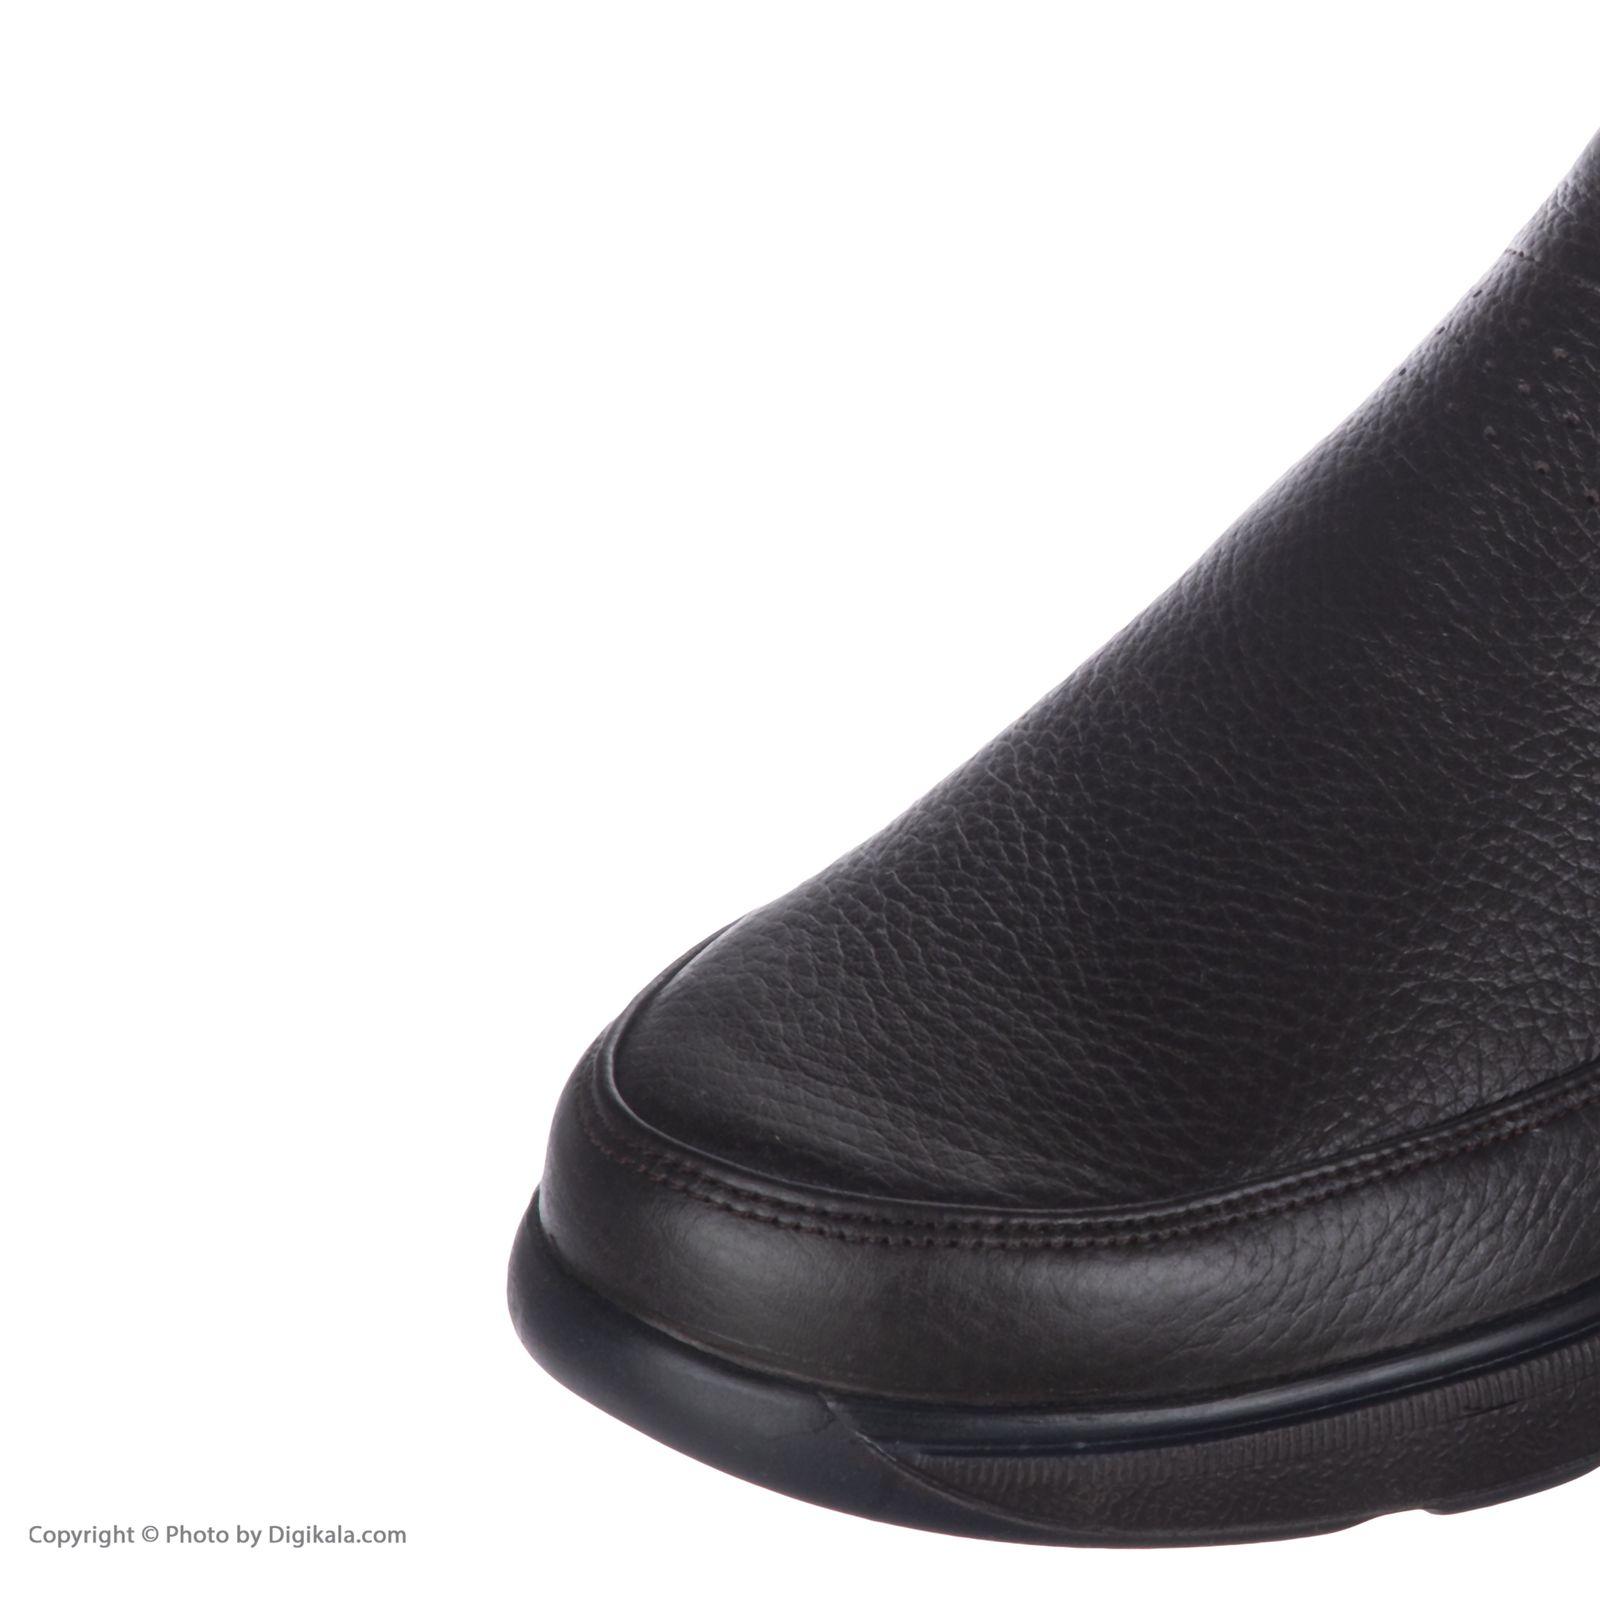 کفش روزمره مردانه دانادل مدل 8605A503104 -  - 6